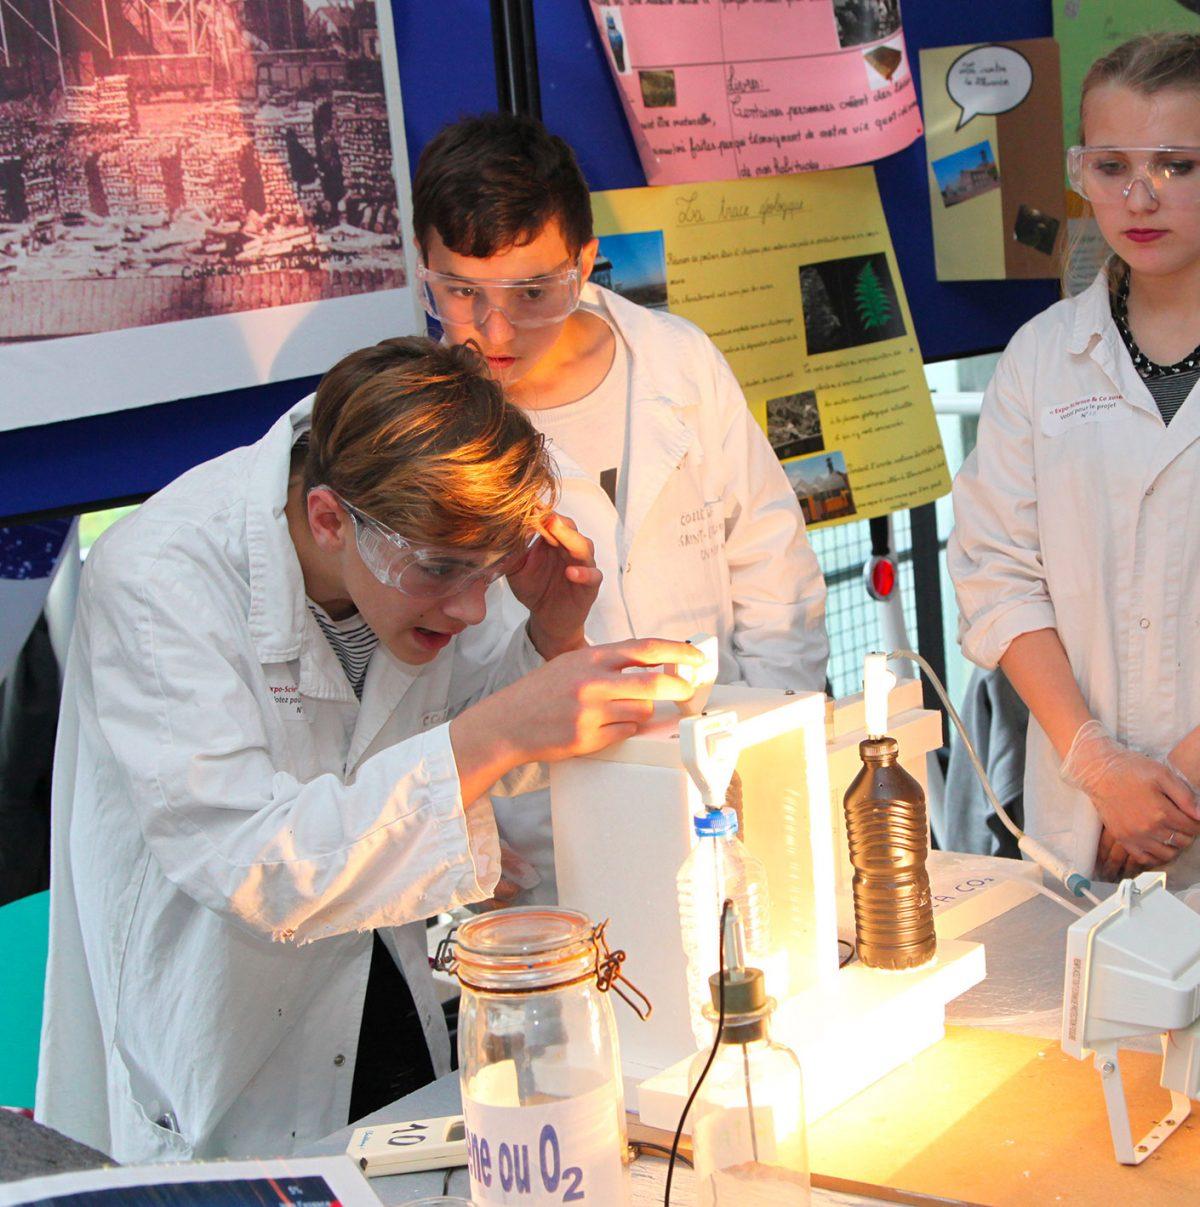 Visuel illustratif montrant 3 enfants dans un laboratoire.